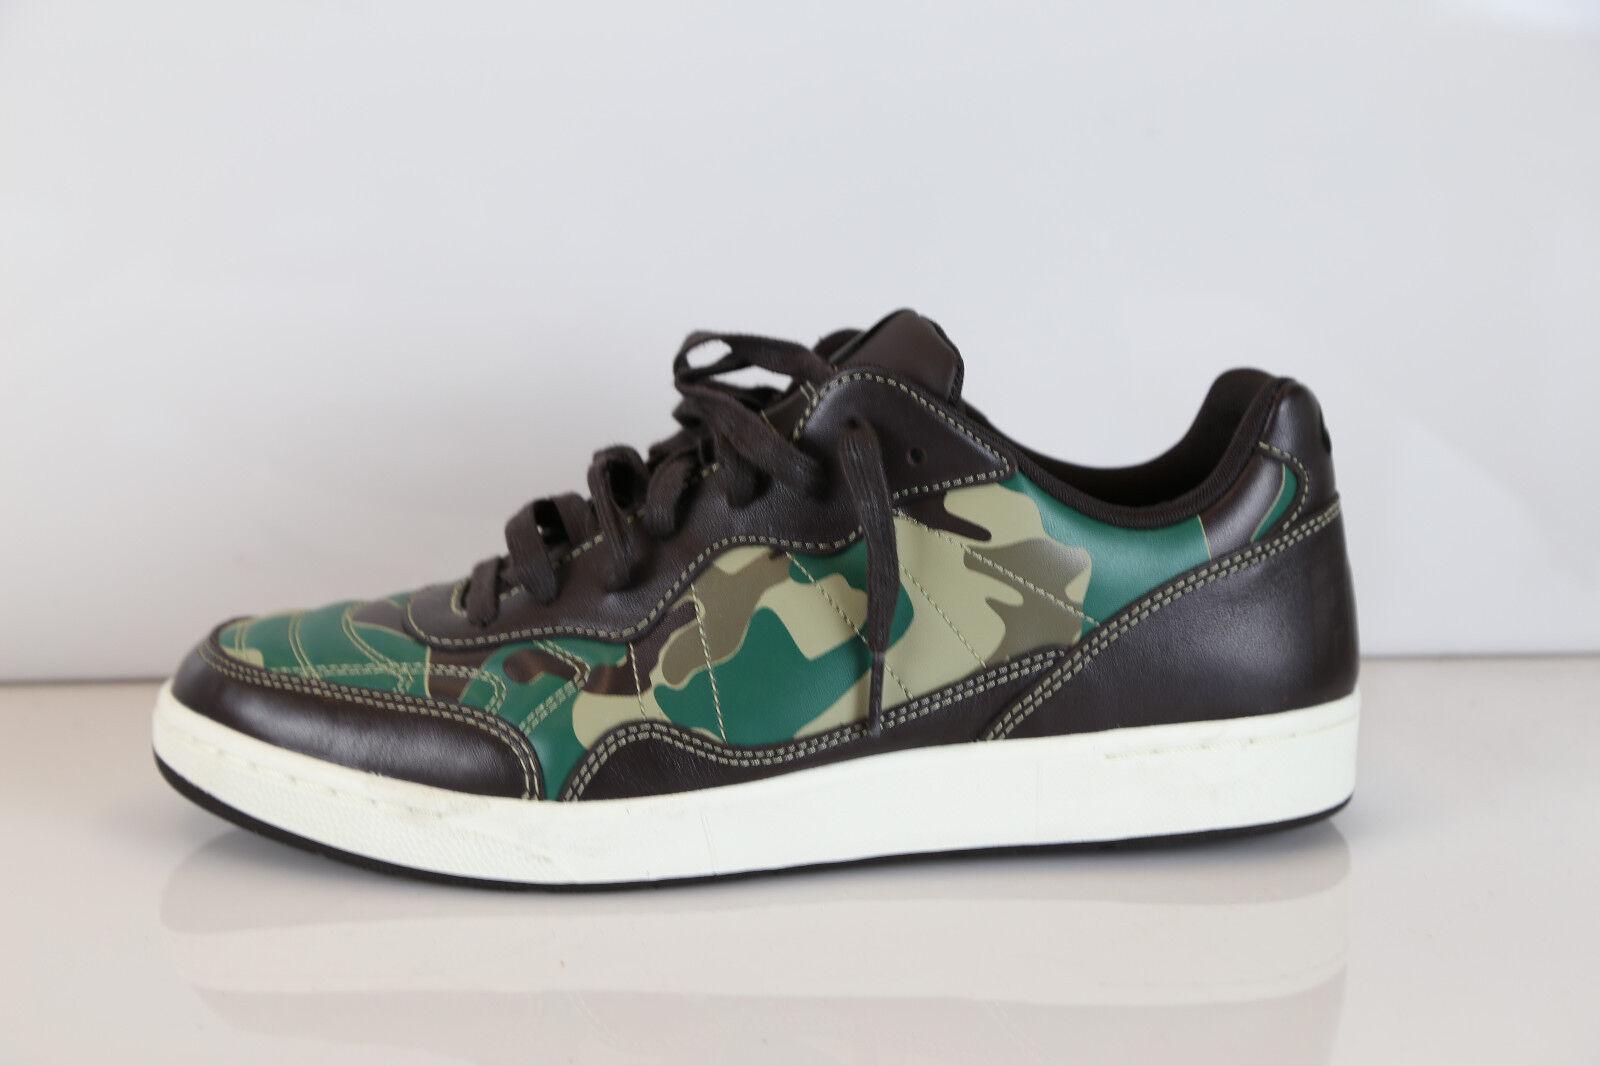 Nike Tiempo FCRB Camo Premium 667385-223 10 football cr air supreme 1